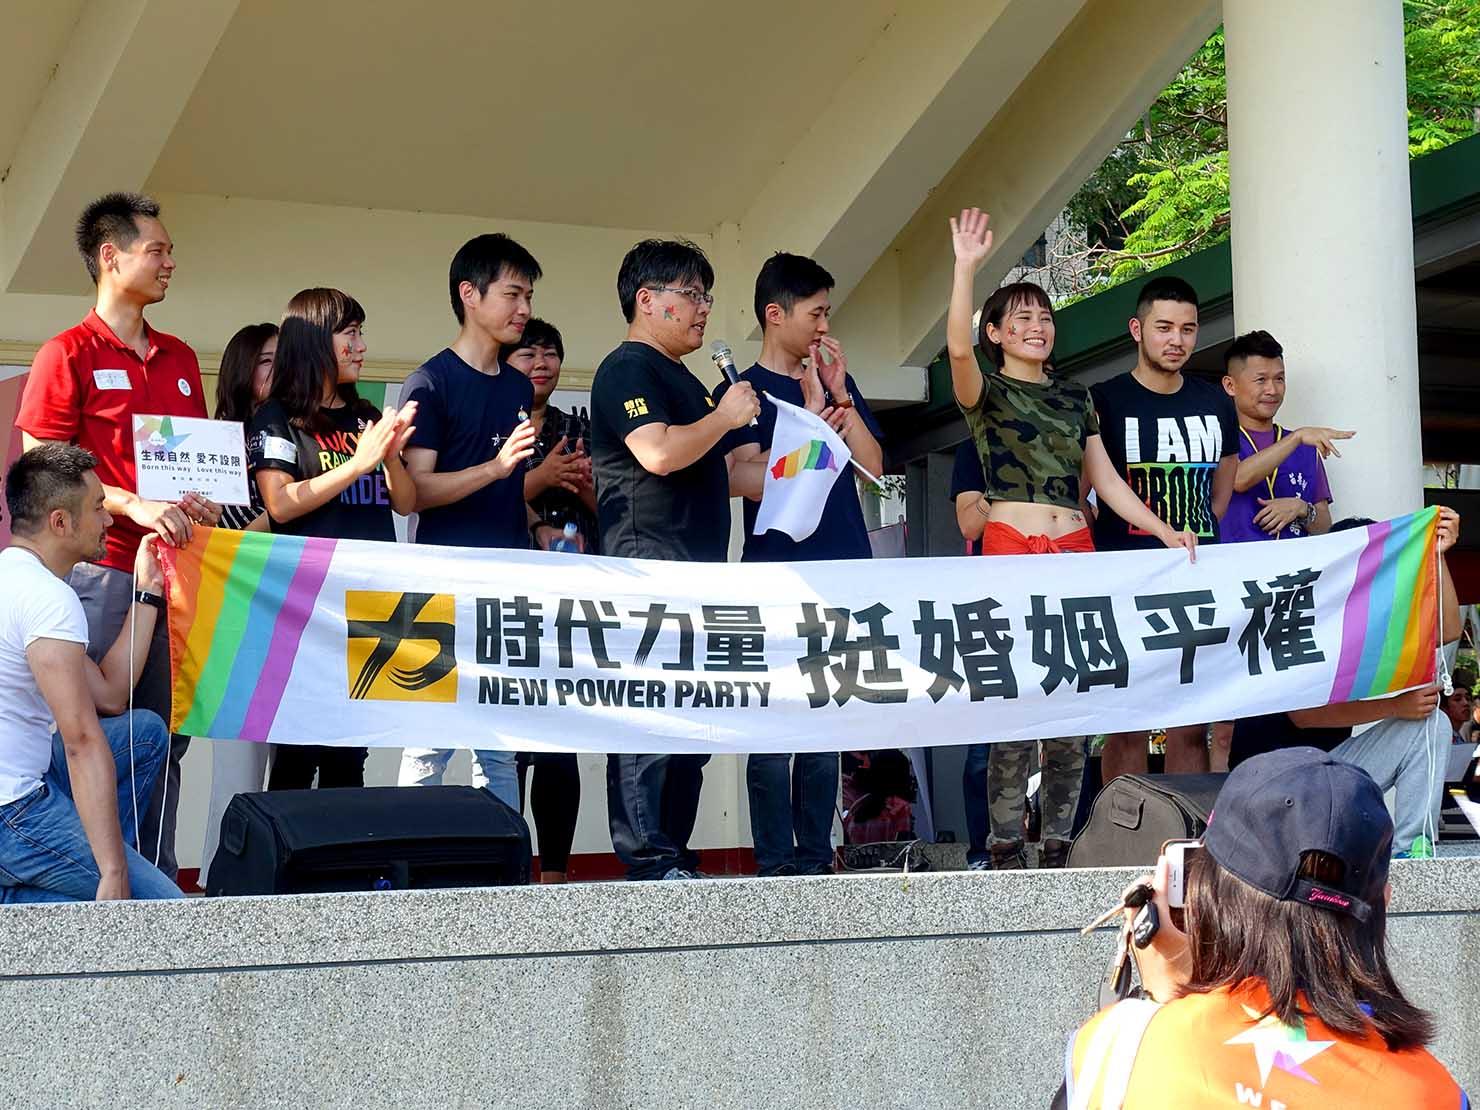 苗栗愛轉來平權遊行(苗栗LGBTプライド)2019のステージに立つ政党・時代力量